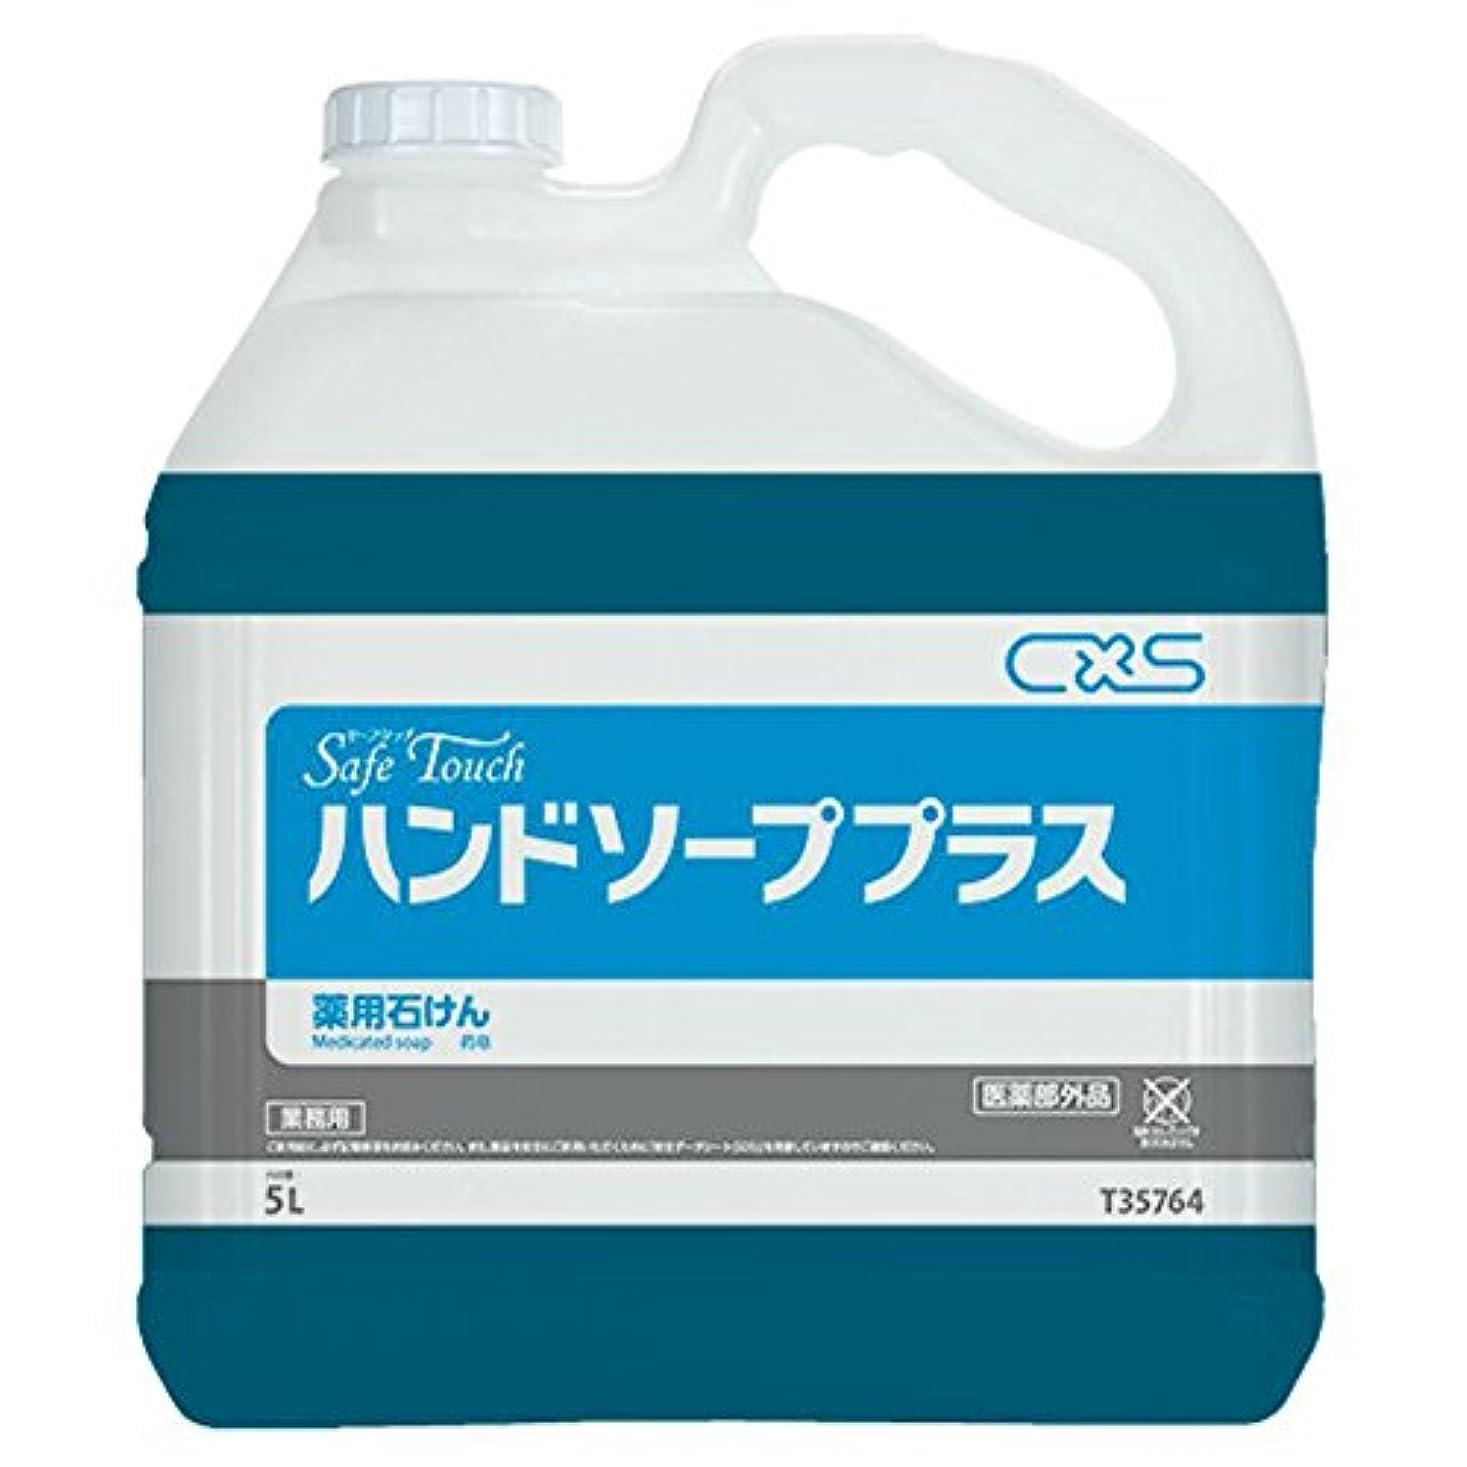 マージン植物のお互いシーバイエス(C×S) 手洗い用石鹸 セーフタッチハンドソーププラス 5L